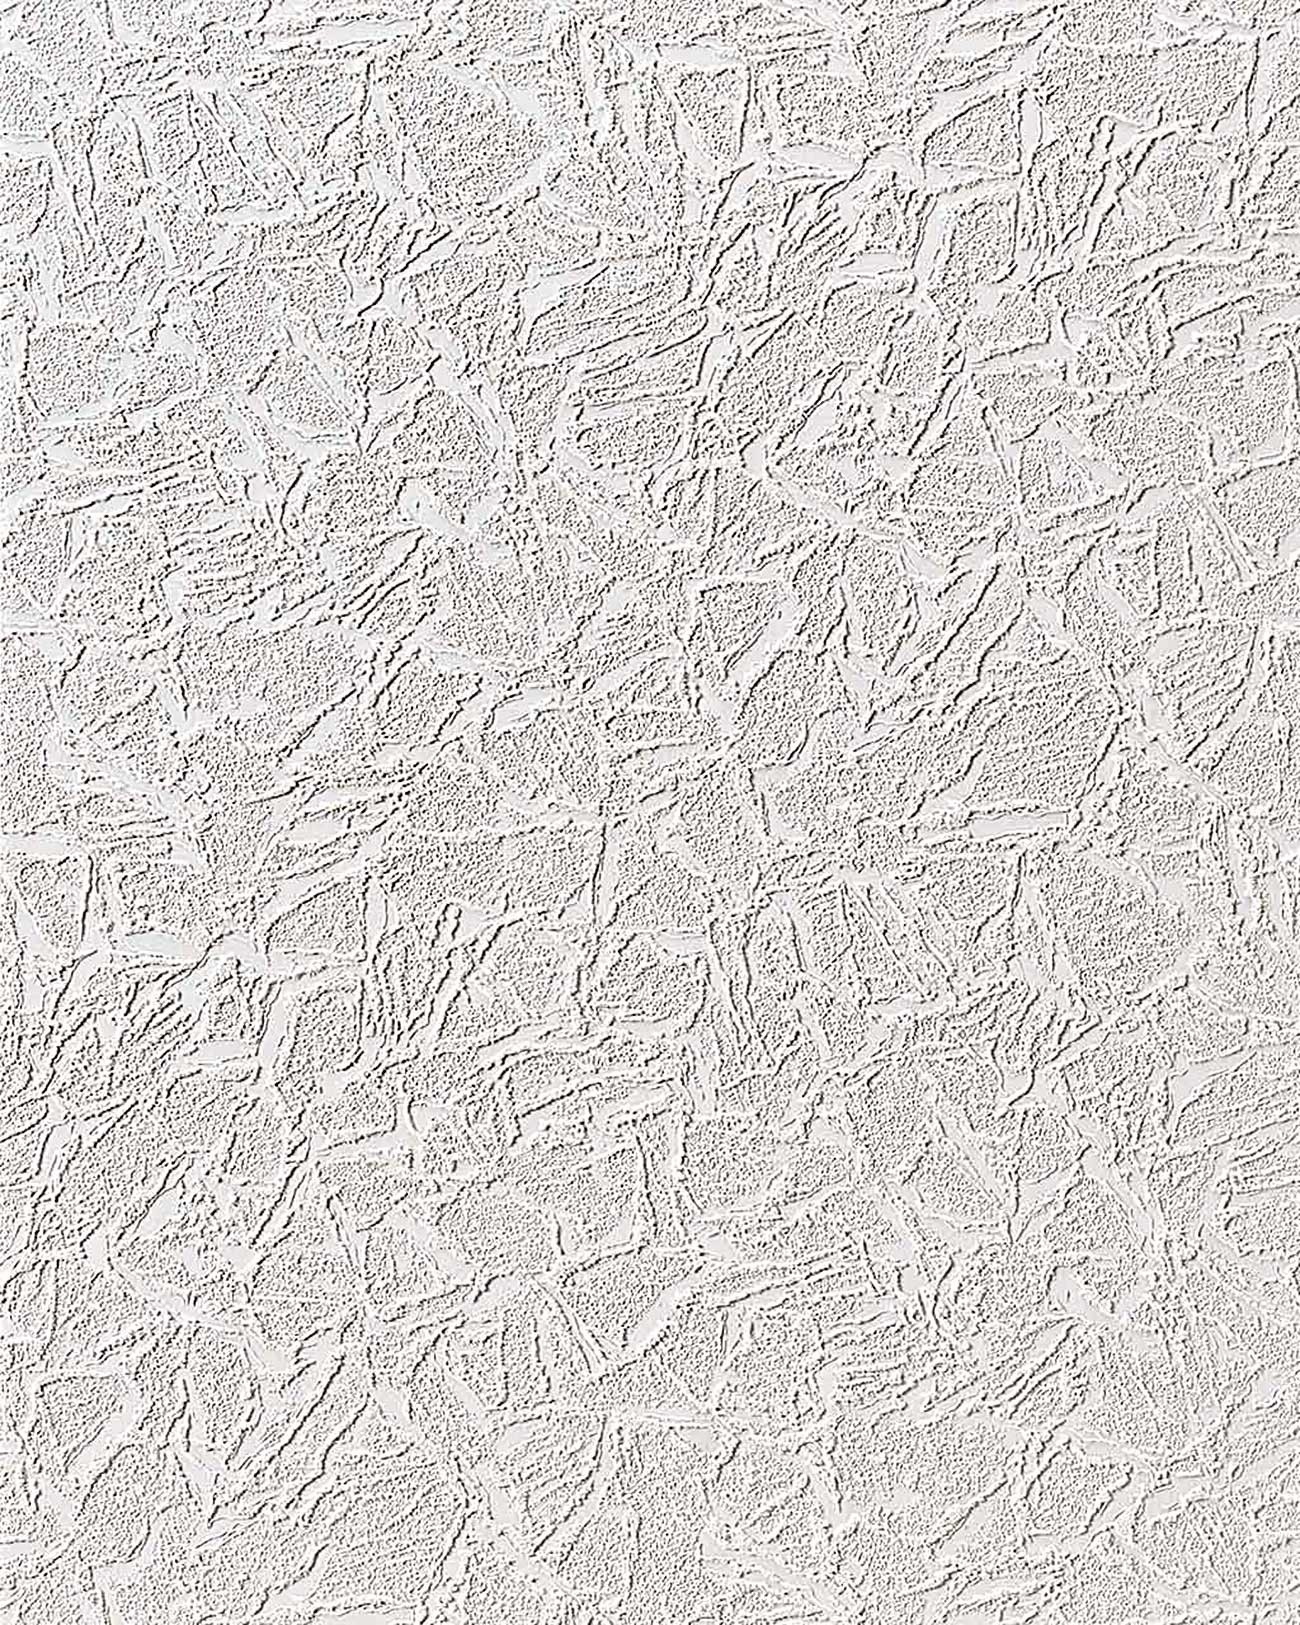 Schuimvinyl behang structuur behang EDEM 238 50 15 meter relief behang wit met zilver glitter